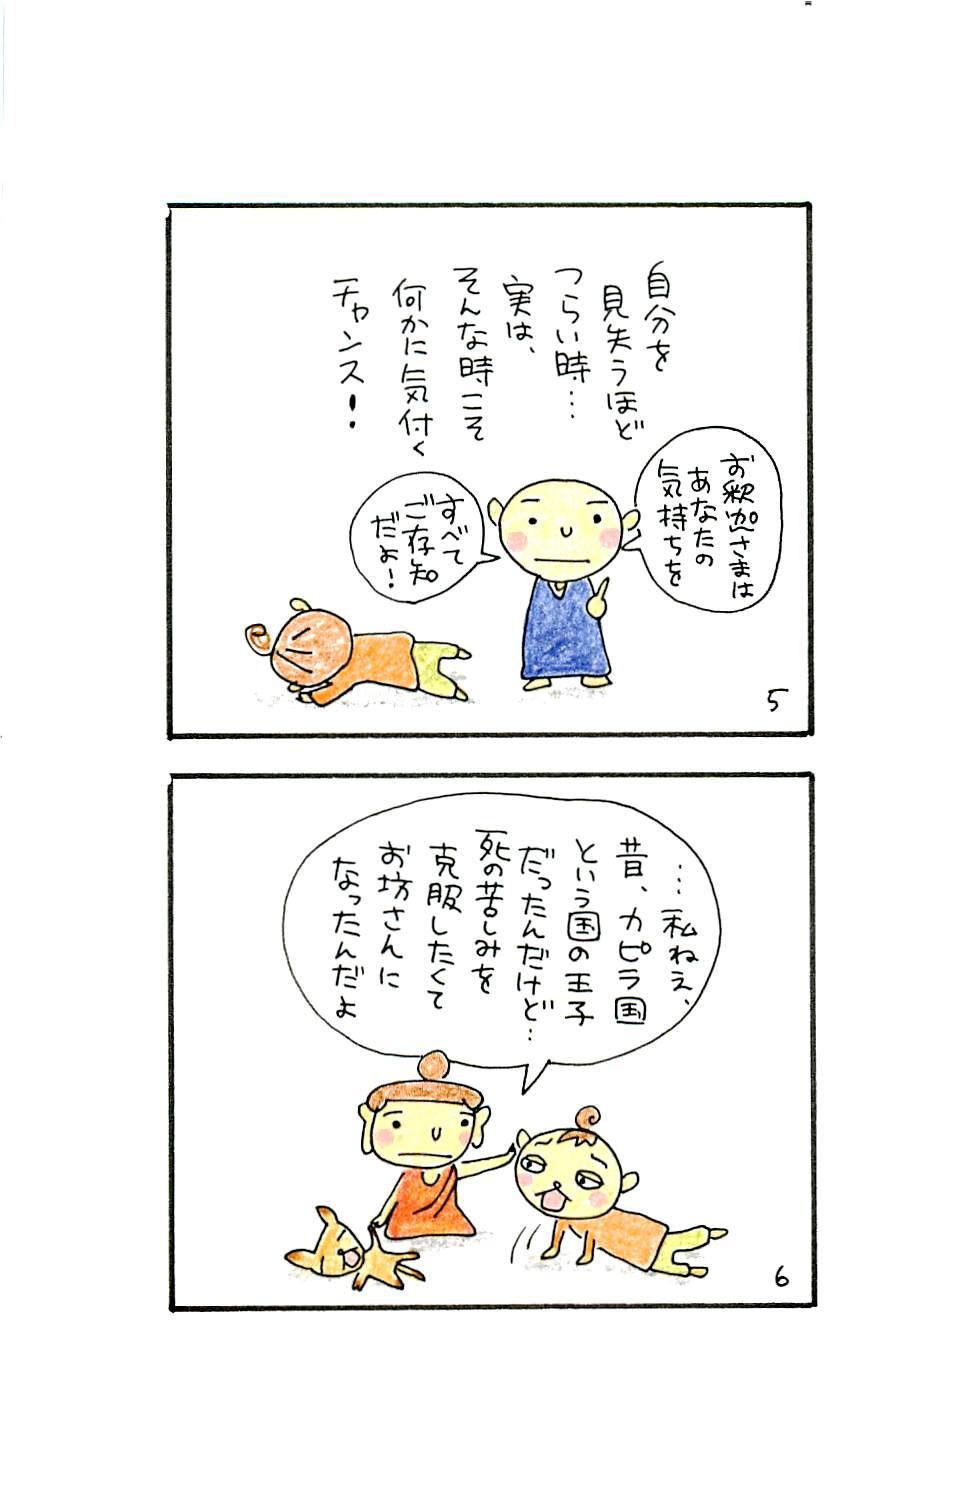 般若心経「無明」p5-p6